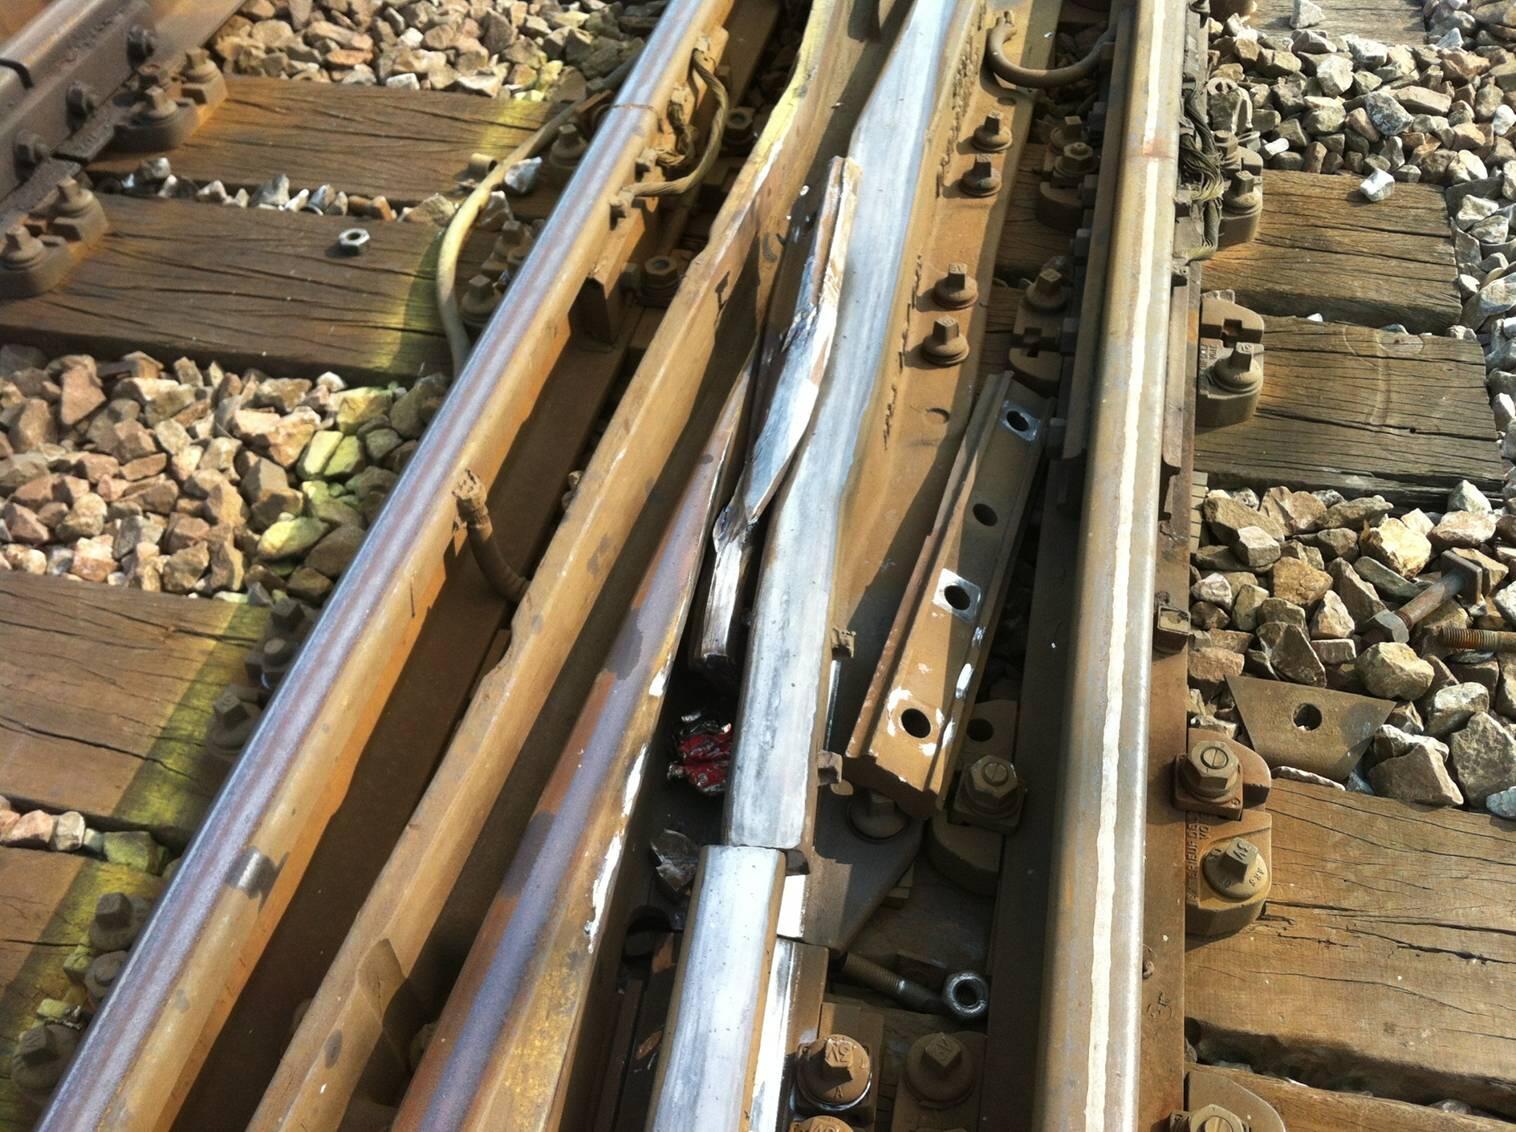 Attaques, vols, agressions, etc, sur lignes SNCF, RER, etc BPJHsazCYAAHmJu